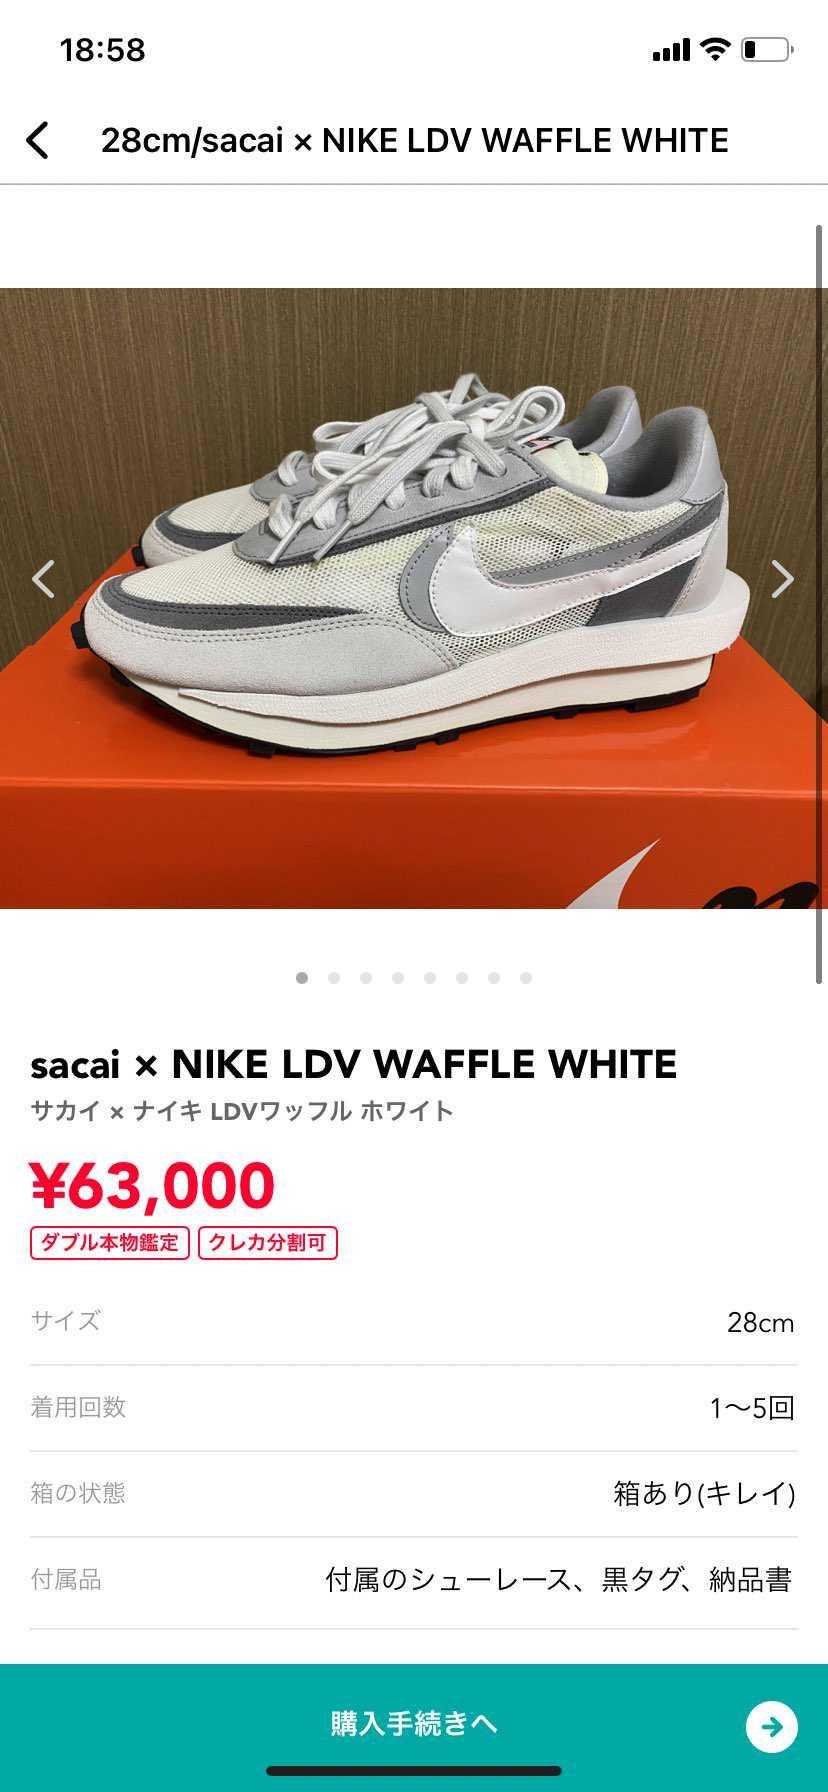 【宣伝】Sacai ld waffle summit white/28.0cmの